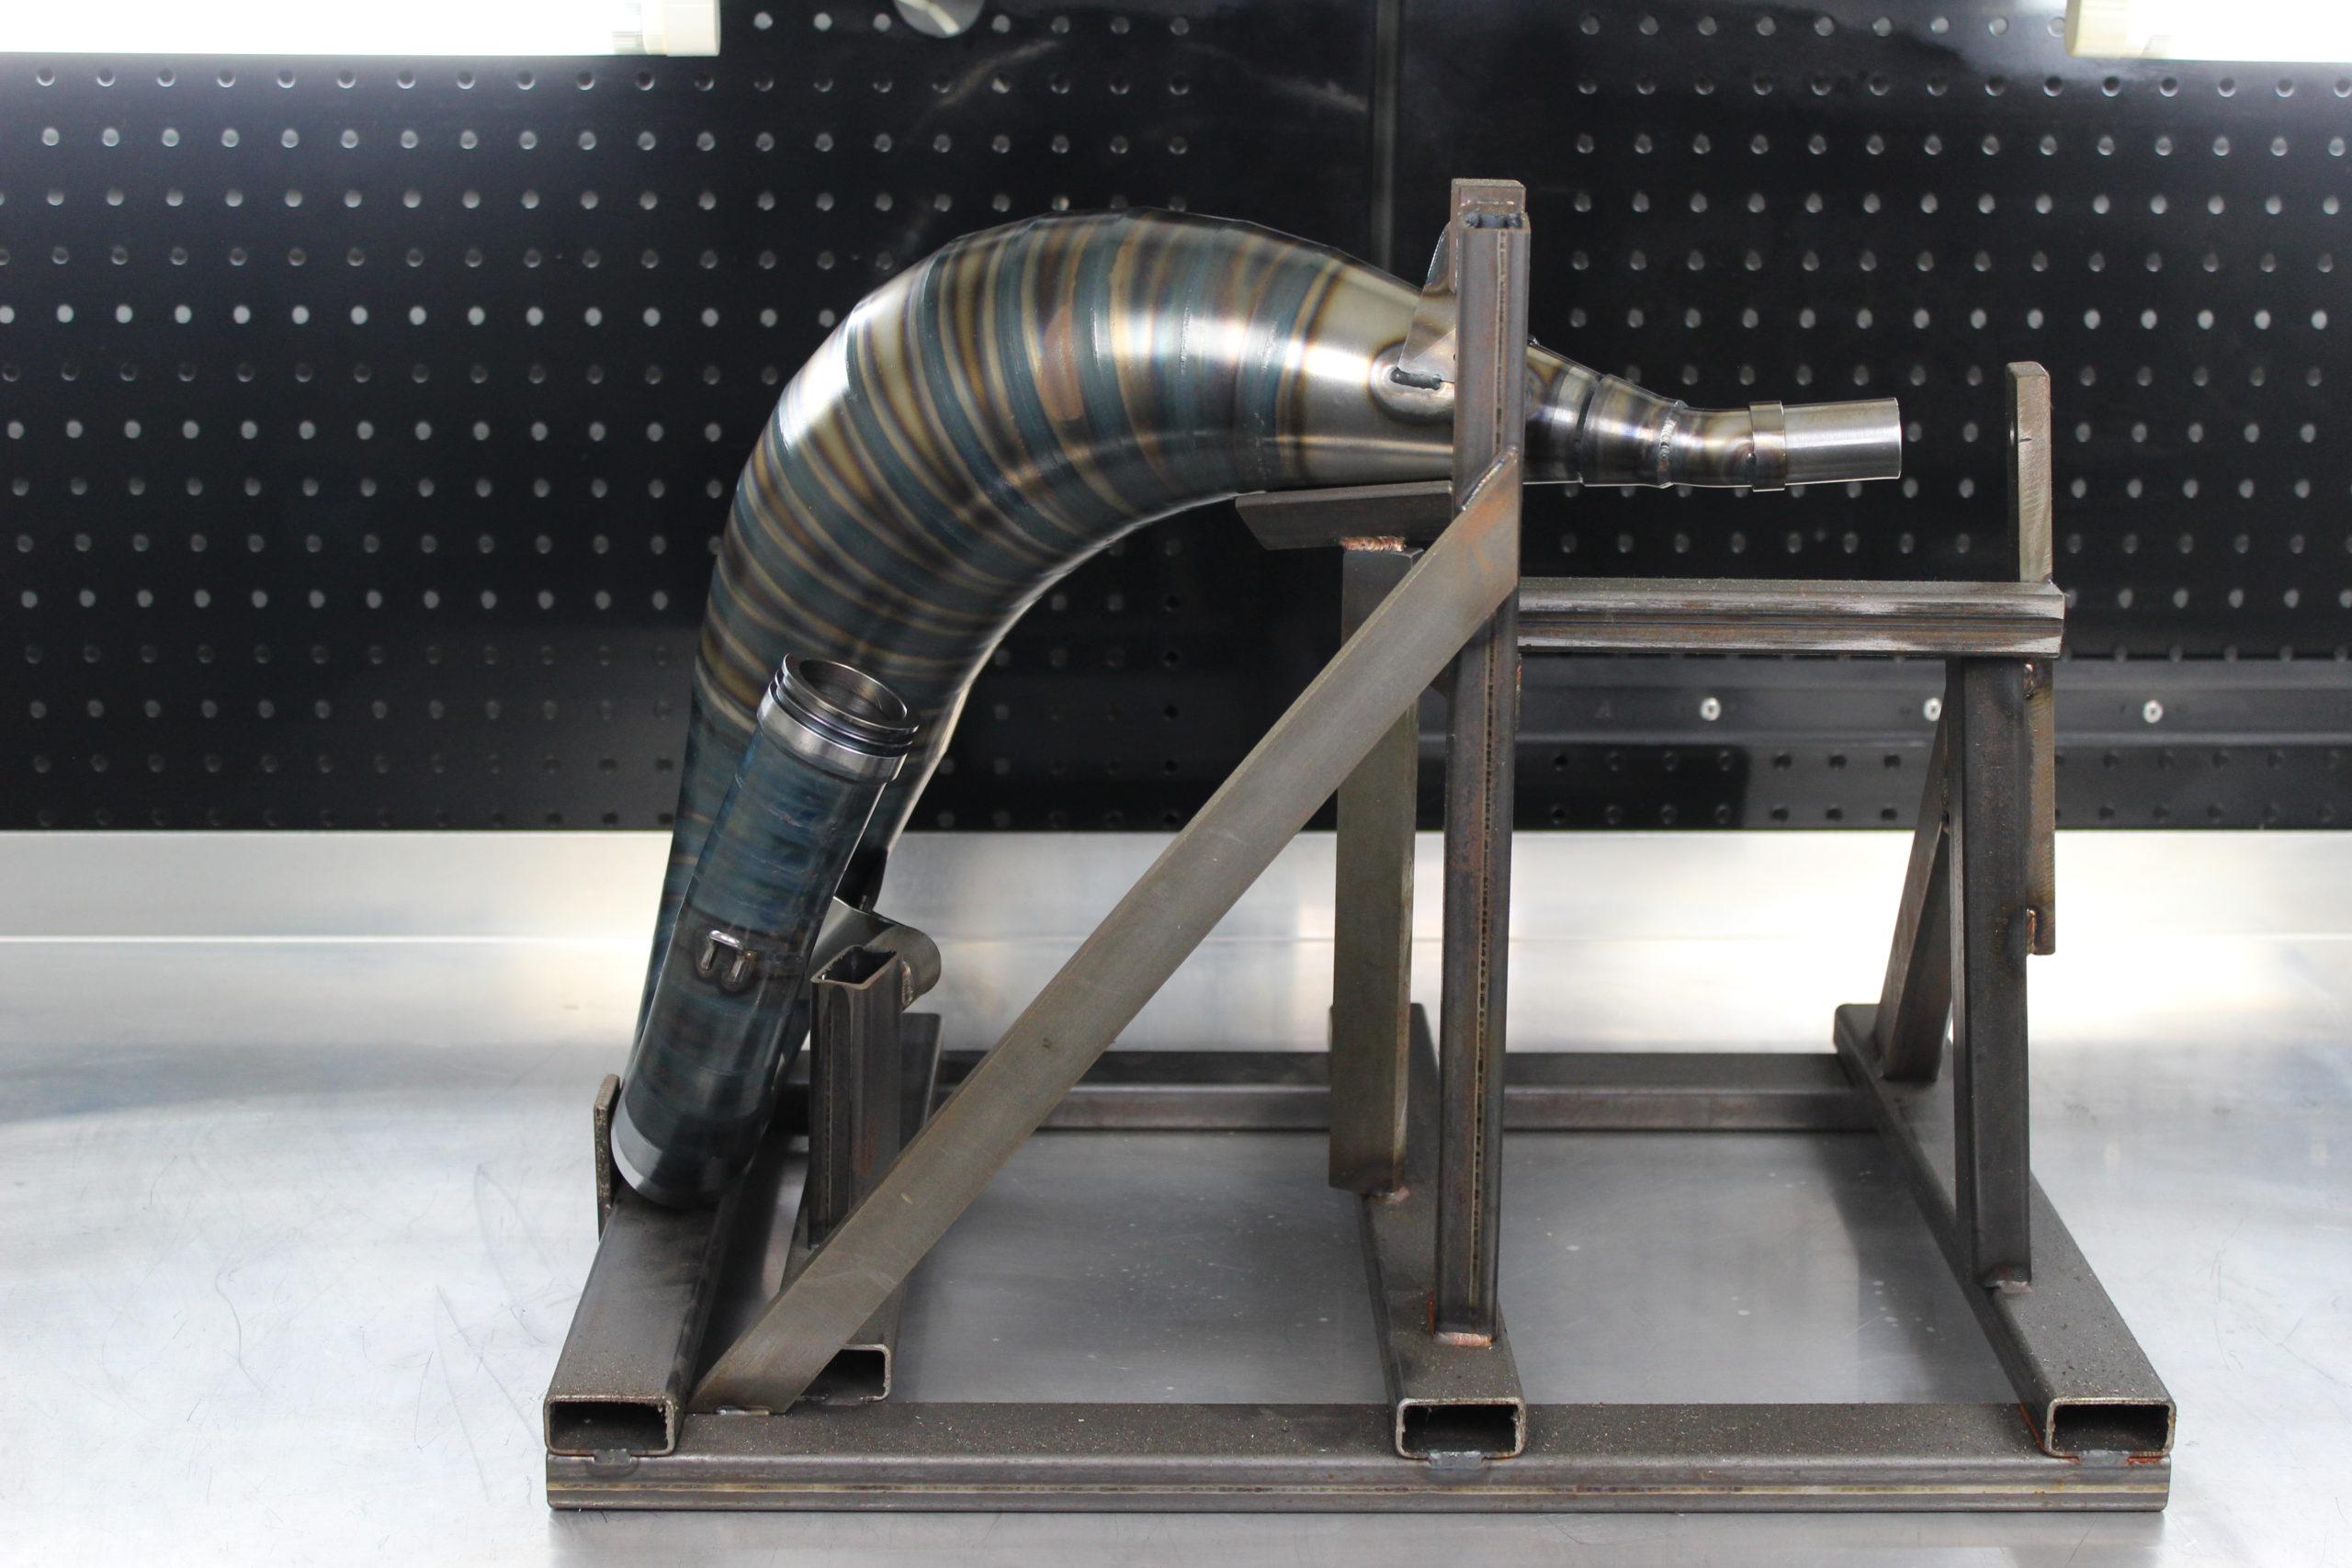 Tmr Performance Parts Ktm Husqvarna 125-150 ccm Auspuffanlage 2016 bis 2018 Ansicht 3